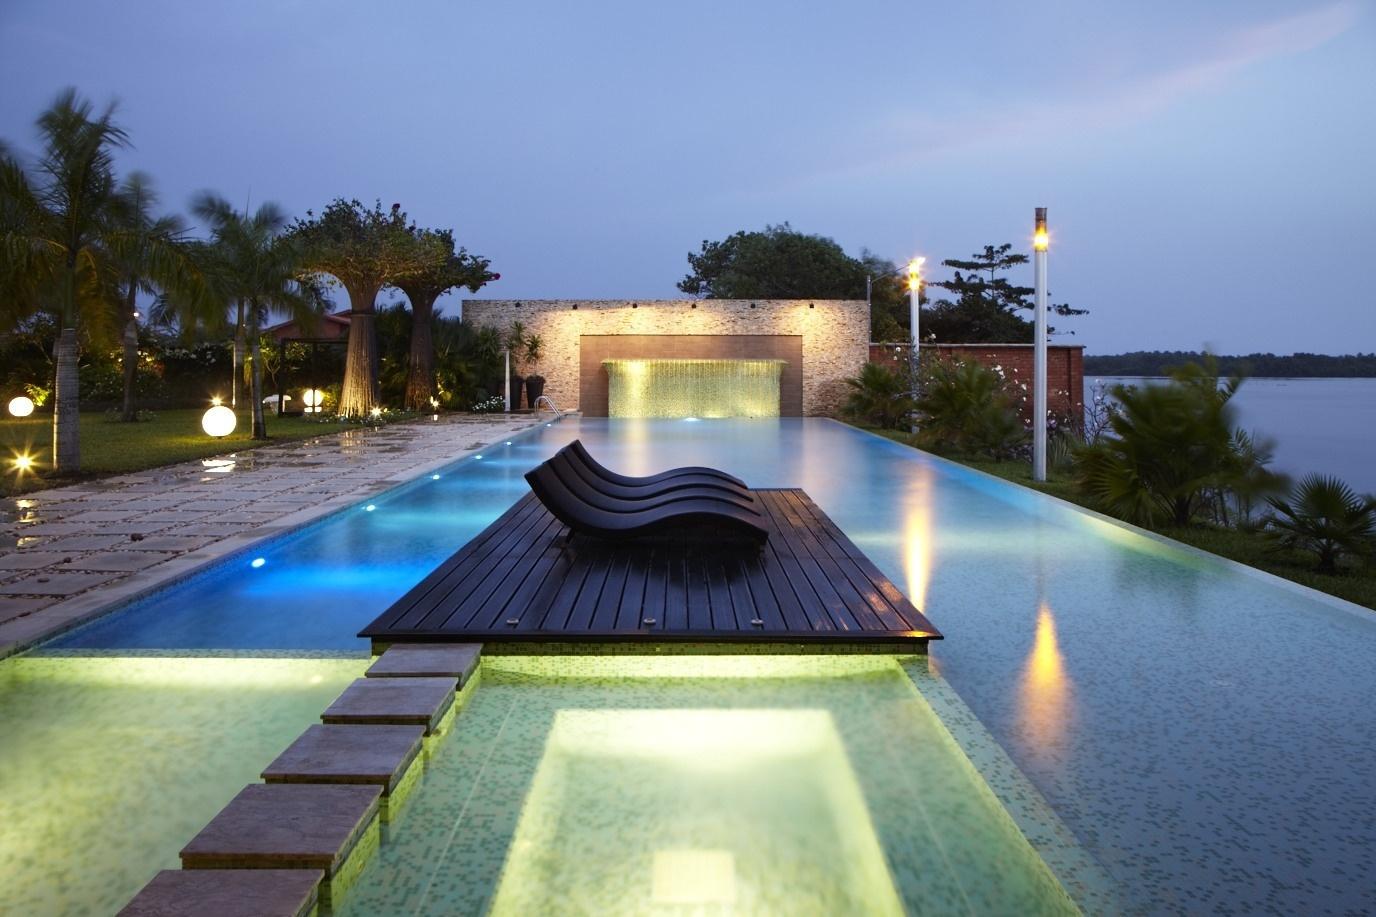 Esta piscina luxuosa conta com uma cascata (ao fundo), um deck com espreguiçadeiras e vista para a paisagem natural da cidade de Assinie-Mafia, na Costa do Marfim. Projetada pelo escritório Koffi & Diabaté Architectes, a casa com 833 m² foi concluída em 2007